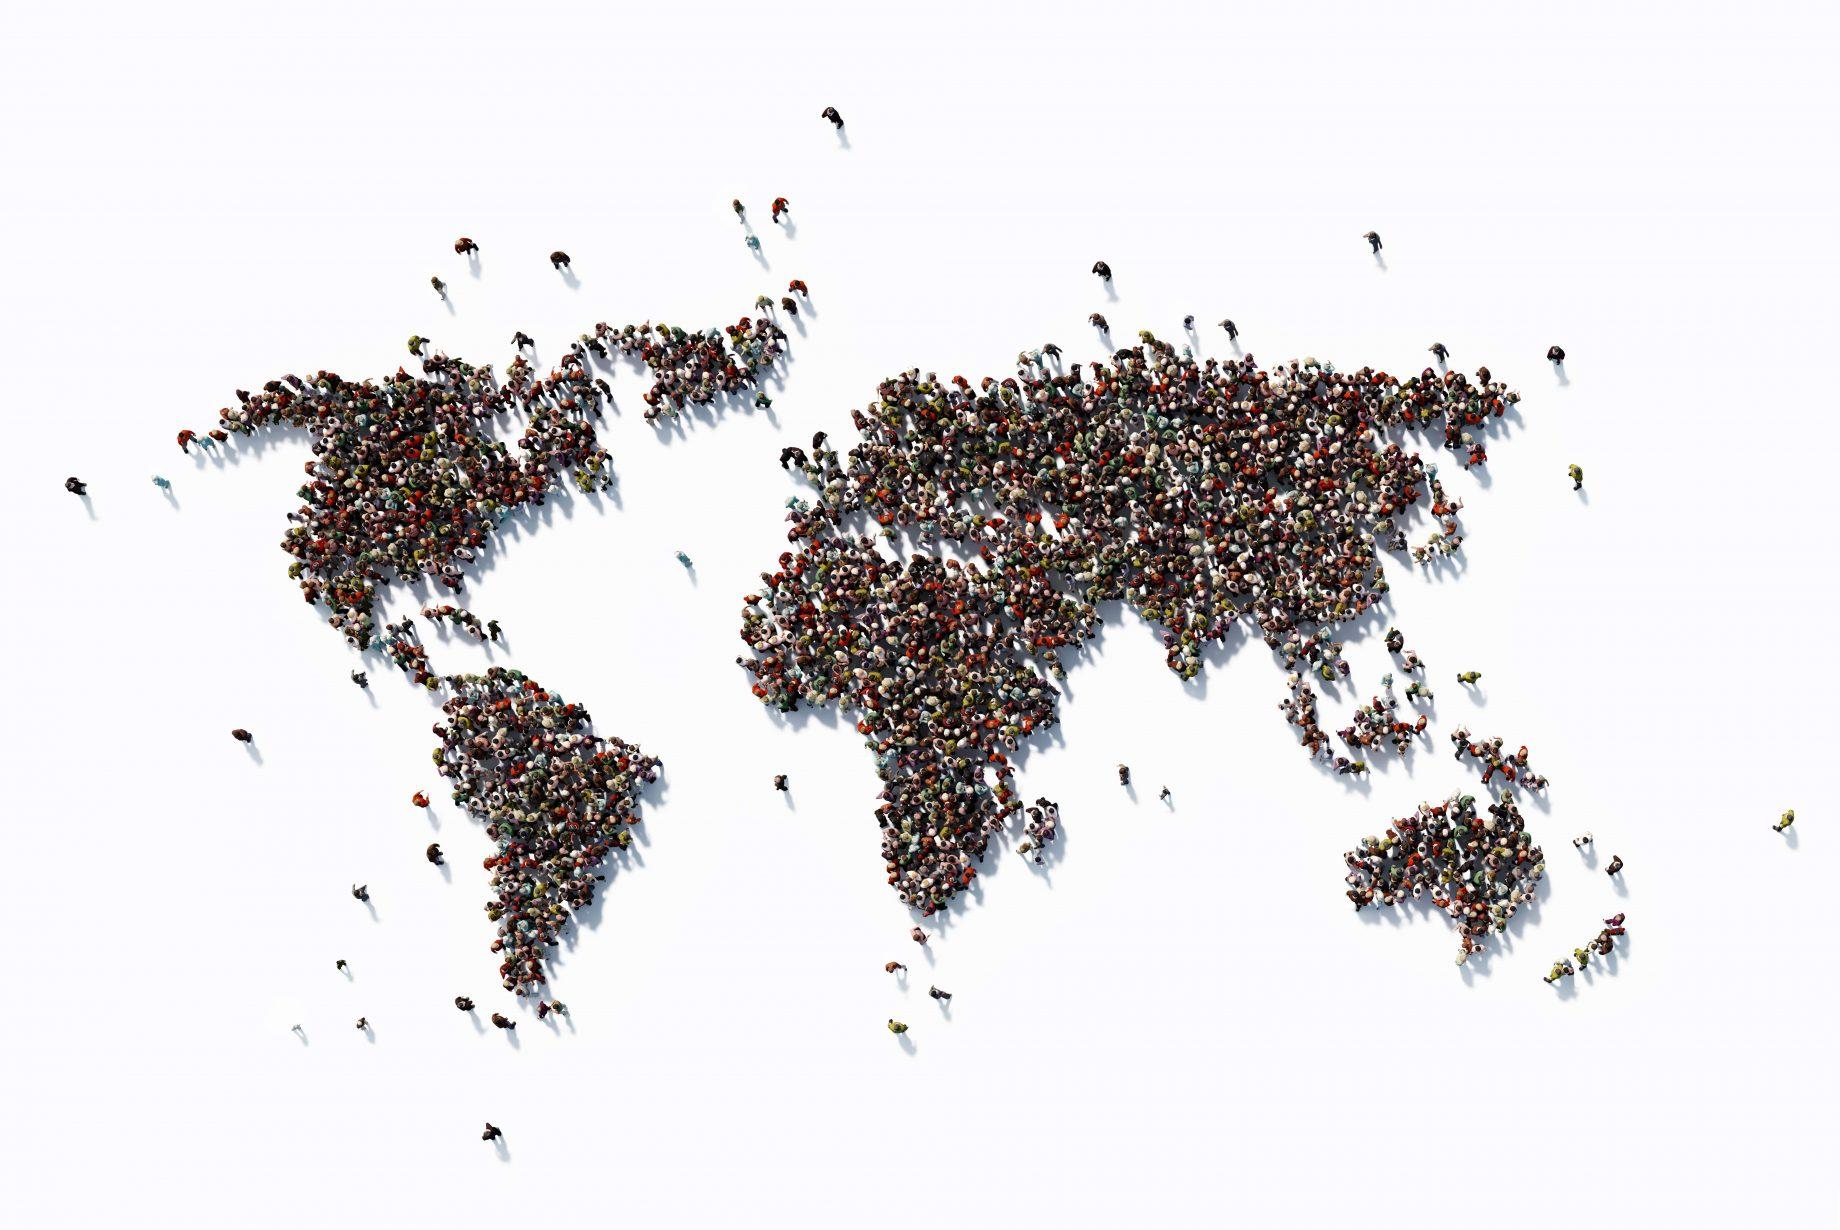 Menschenrechte: Erweiterte Berichte, mehr Sorgfalt